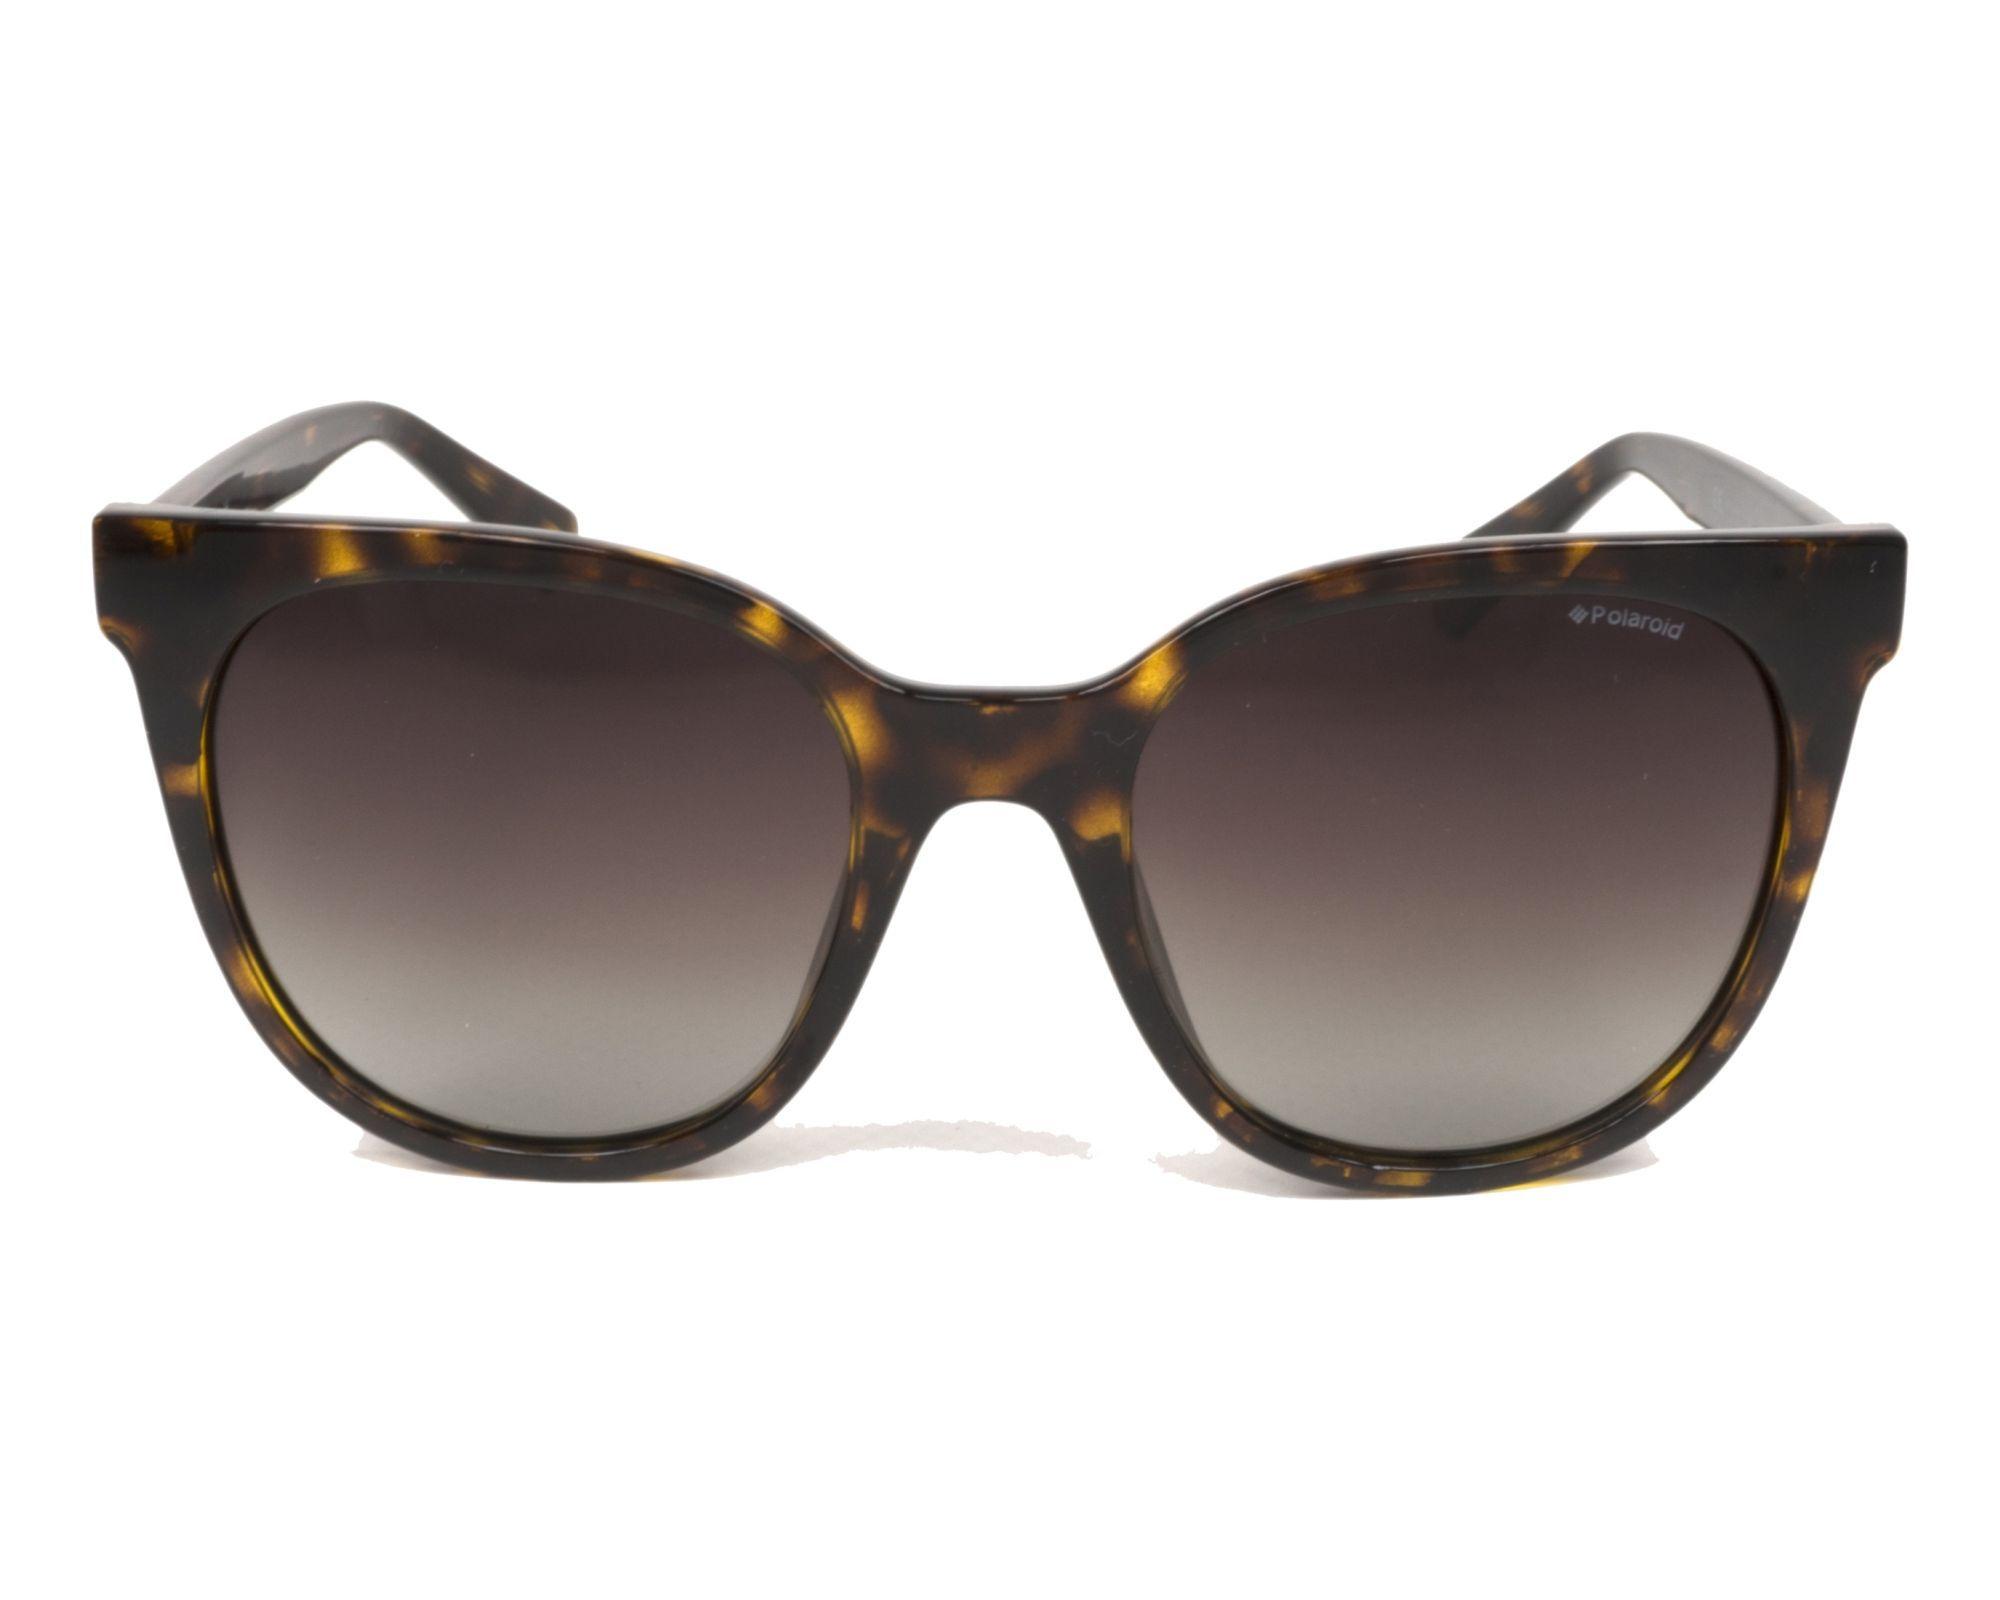 85bf5b5f28cce Óculos de Sol Polaroid Feminino PLD 4062 S X 086LA - Omega Ótica e ...